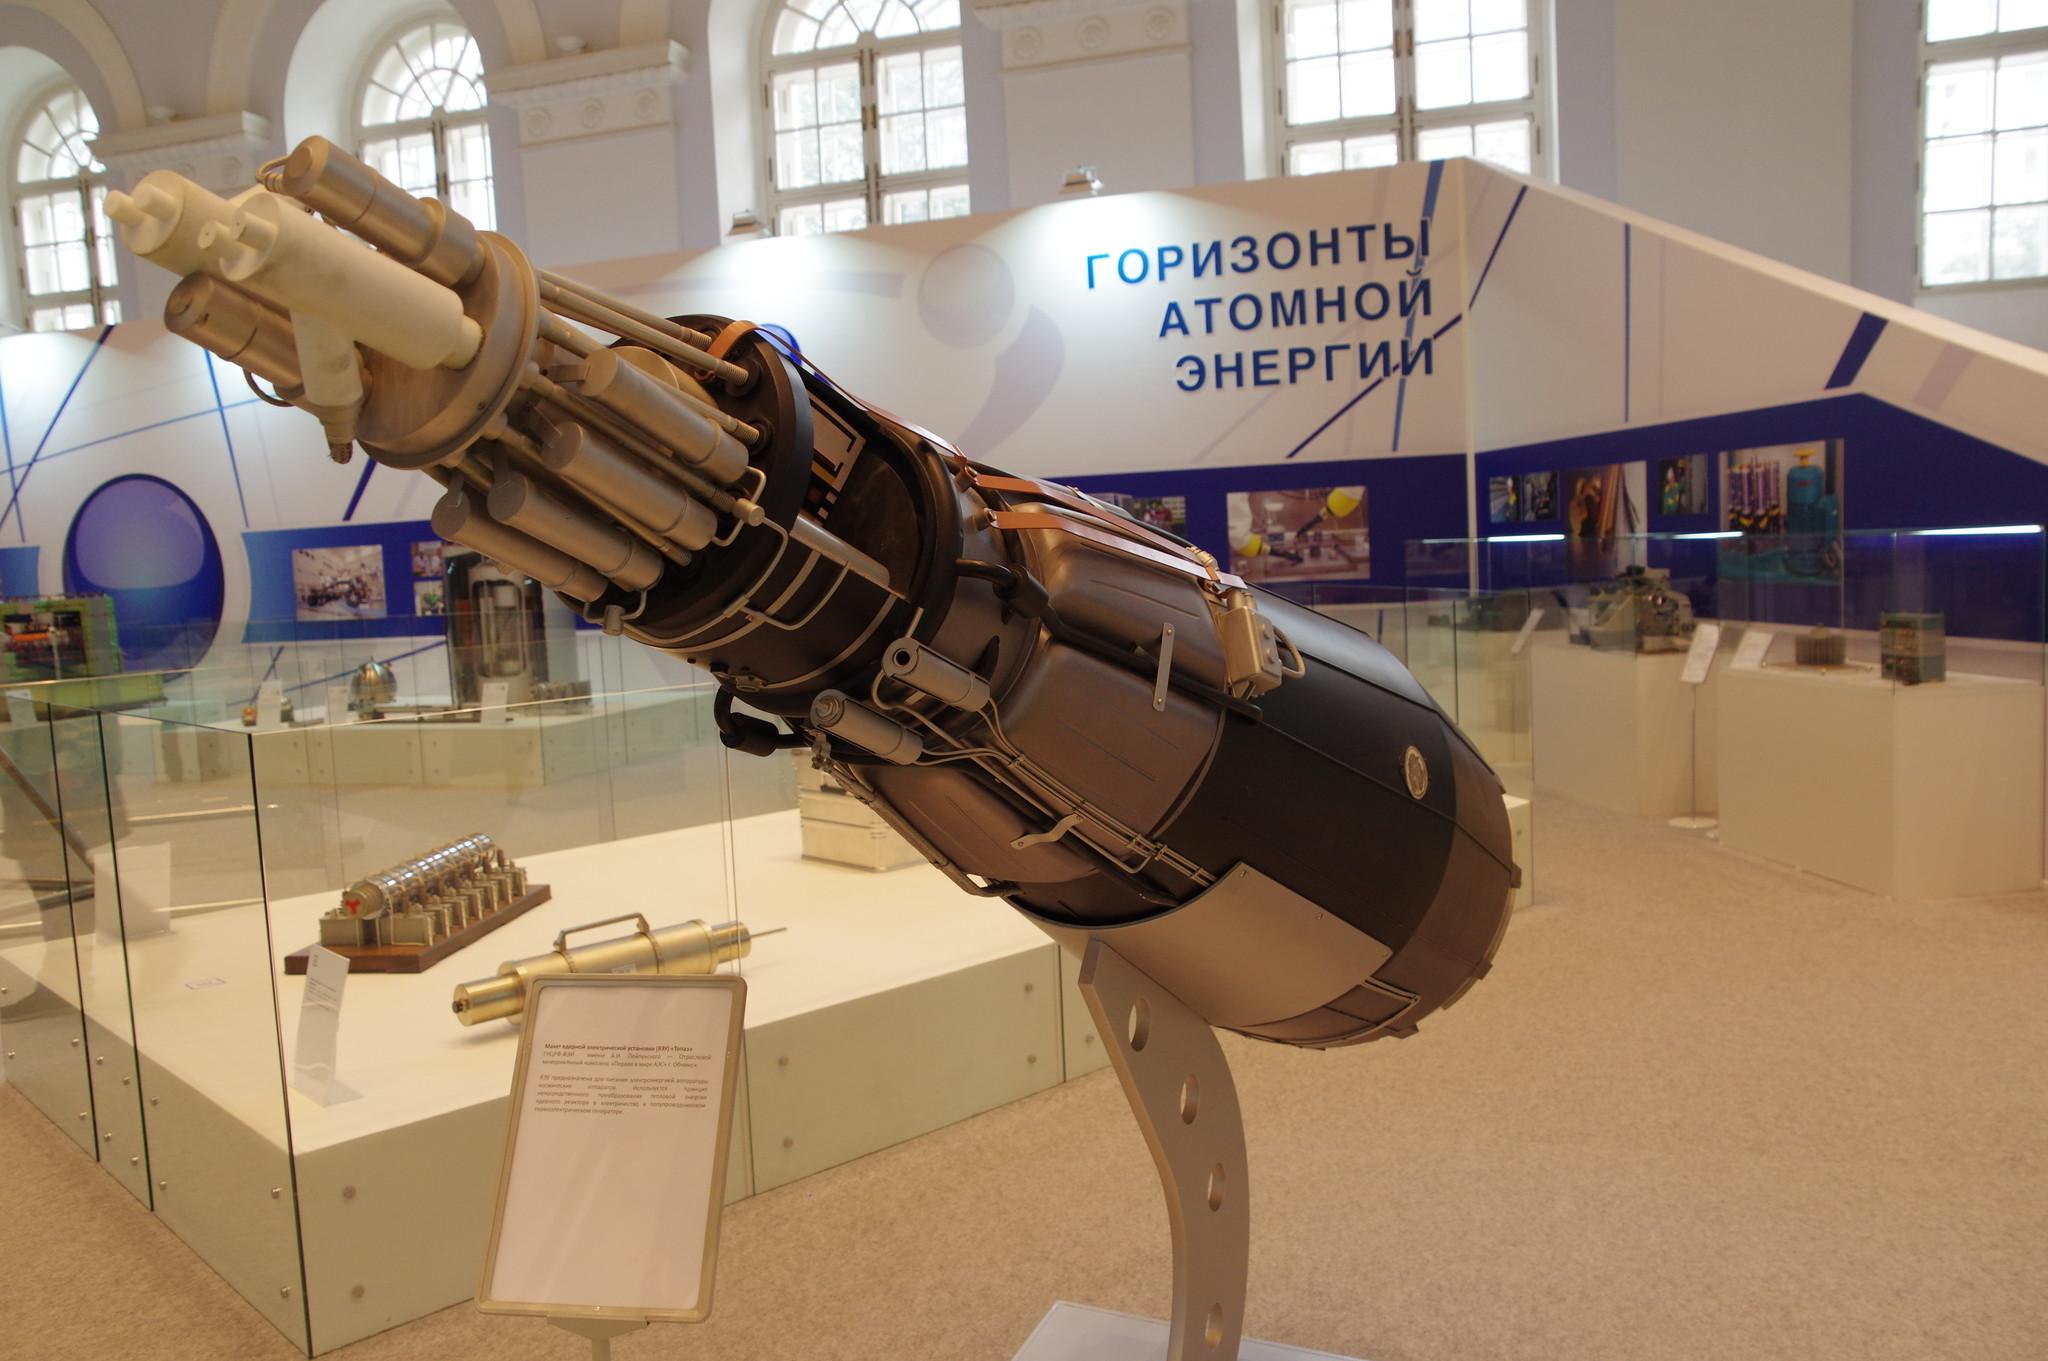 Макет ядерной электрической установки (ЯЭУ)